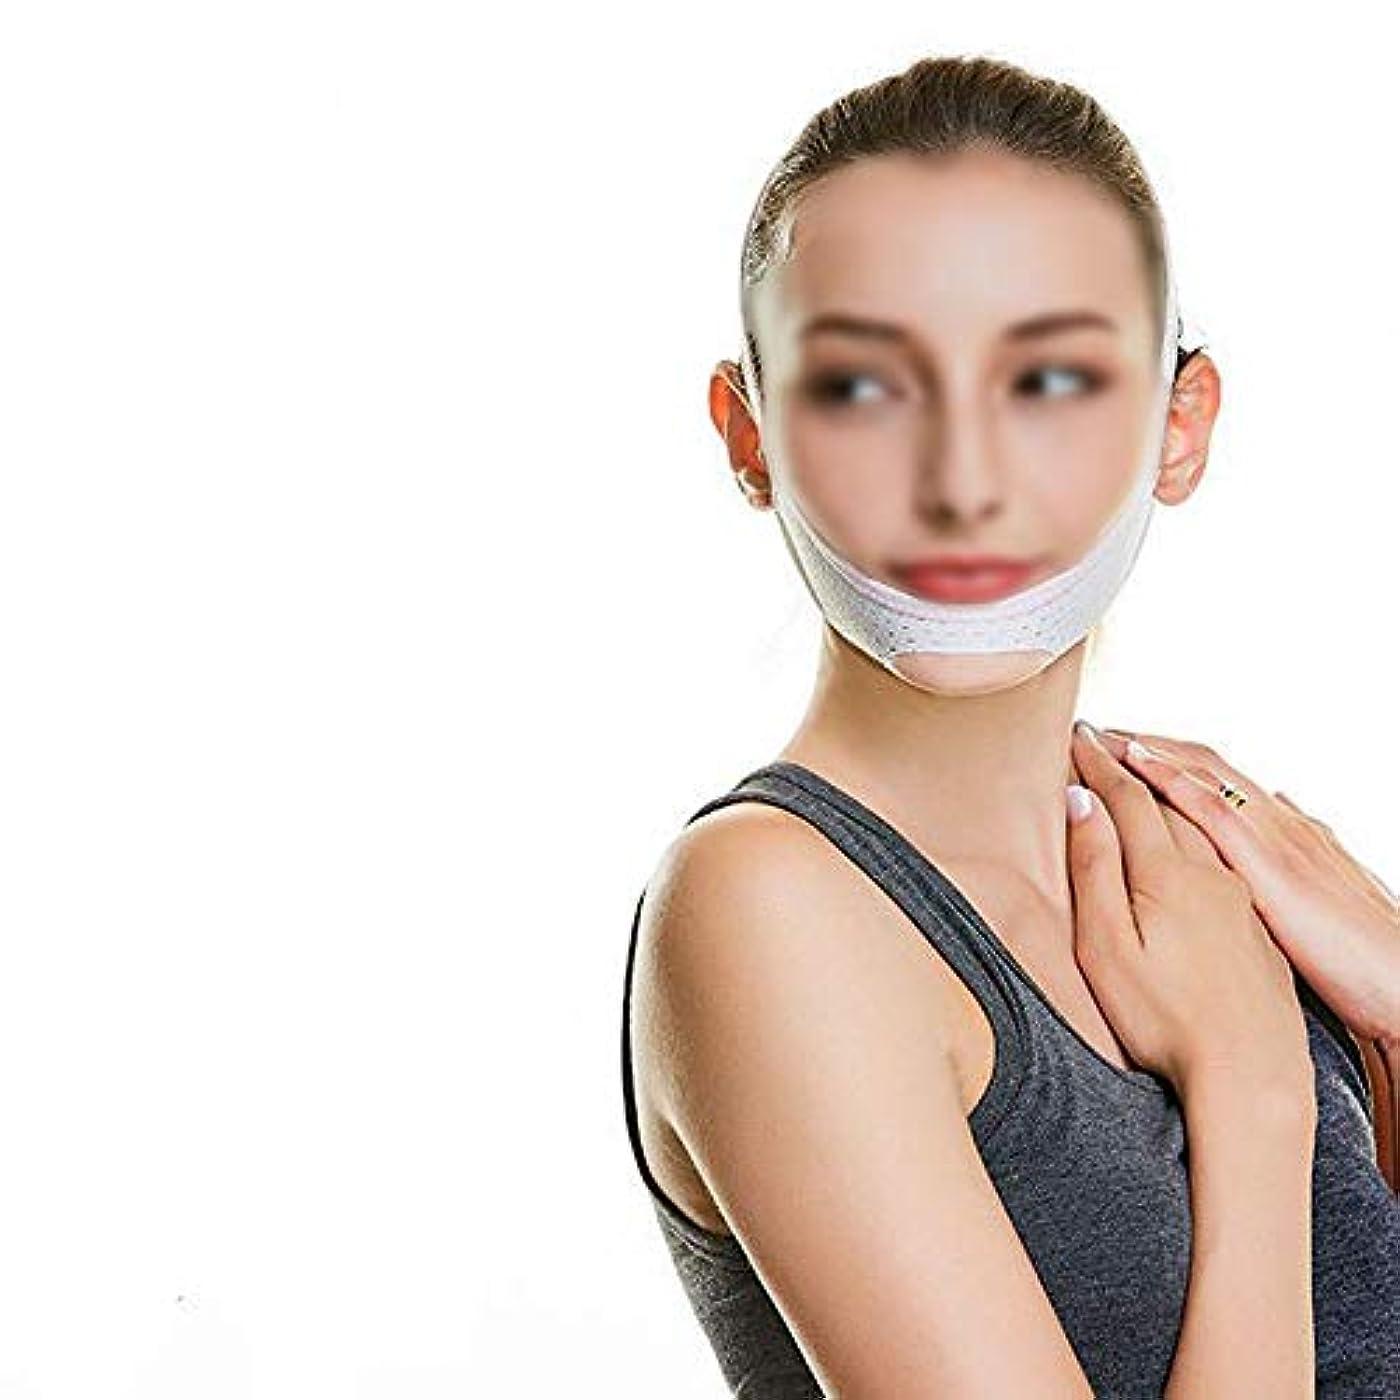 ペニー宿泊言い直すGLJJQMY フェイスリフティング包帯回復マスクあごVフェイスリフト引き締め睡眠薄い顔アーティファクト 顔用整形マスク